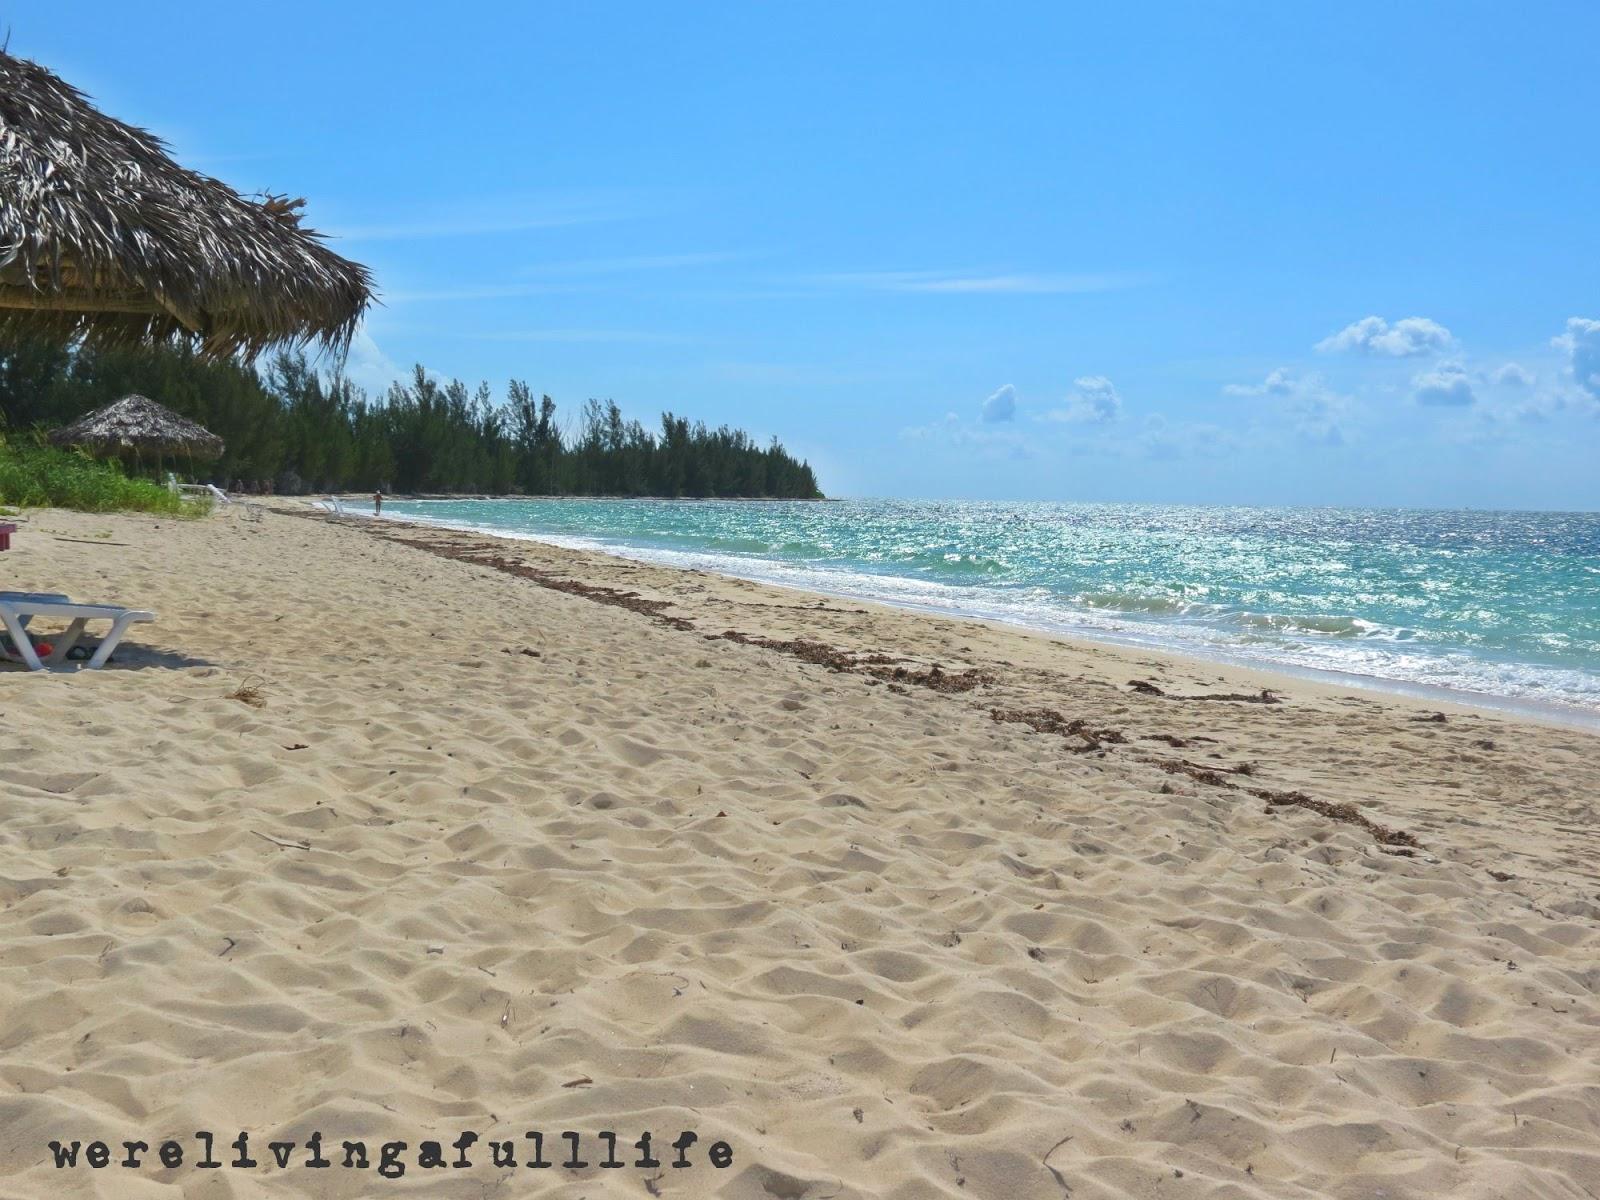 Taino Beach Resort Freeport Grand Bahama Island